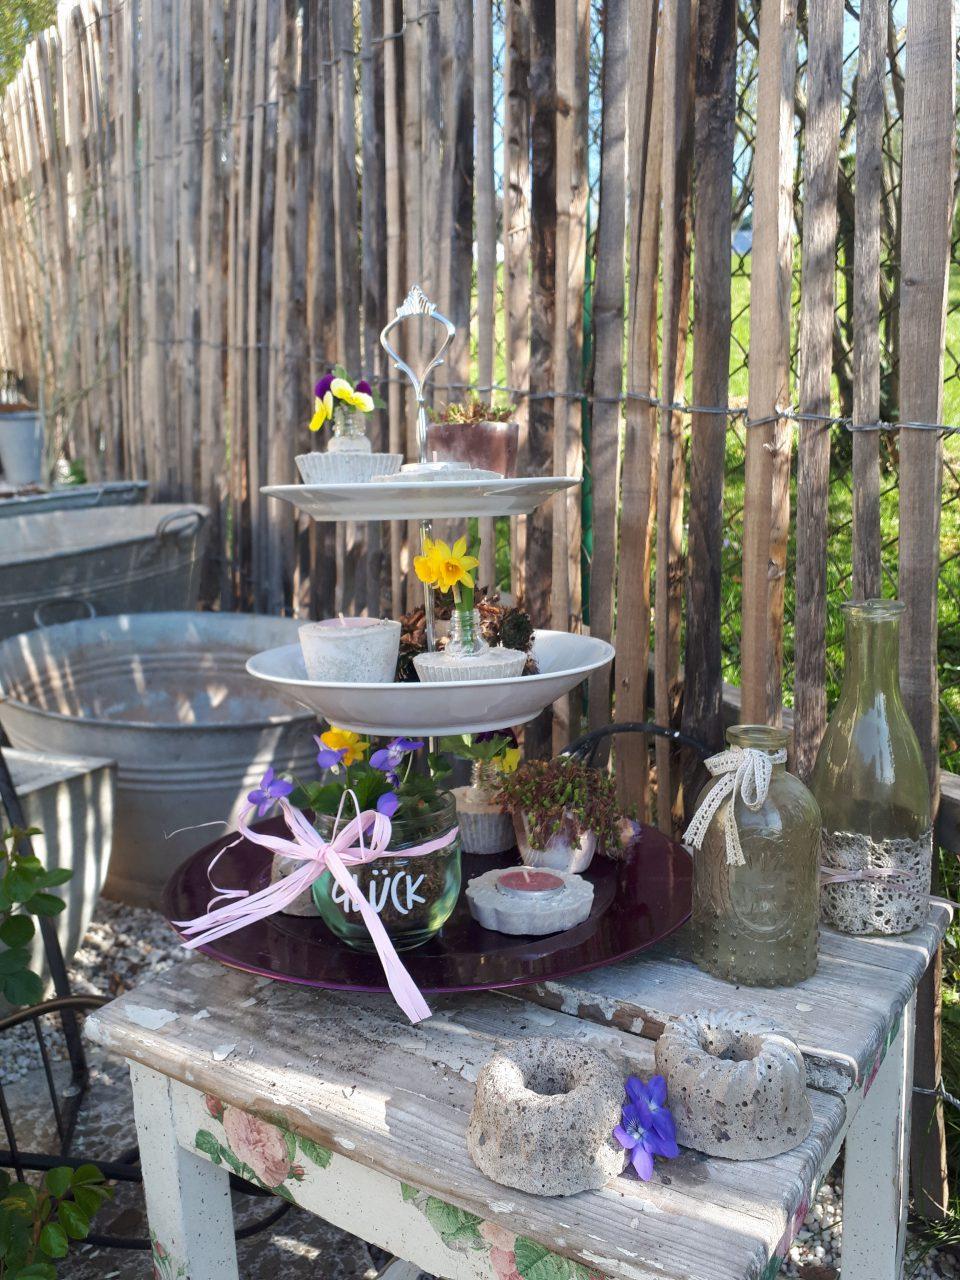 Die Törtchen aus Beton sind als Gartendeko auf einer Etagere arrangiert.